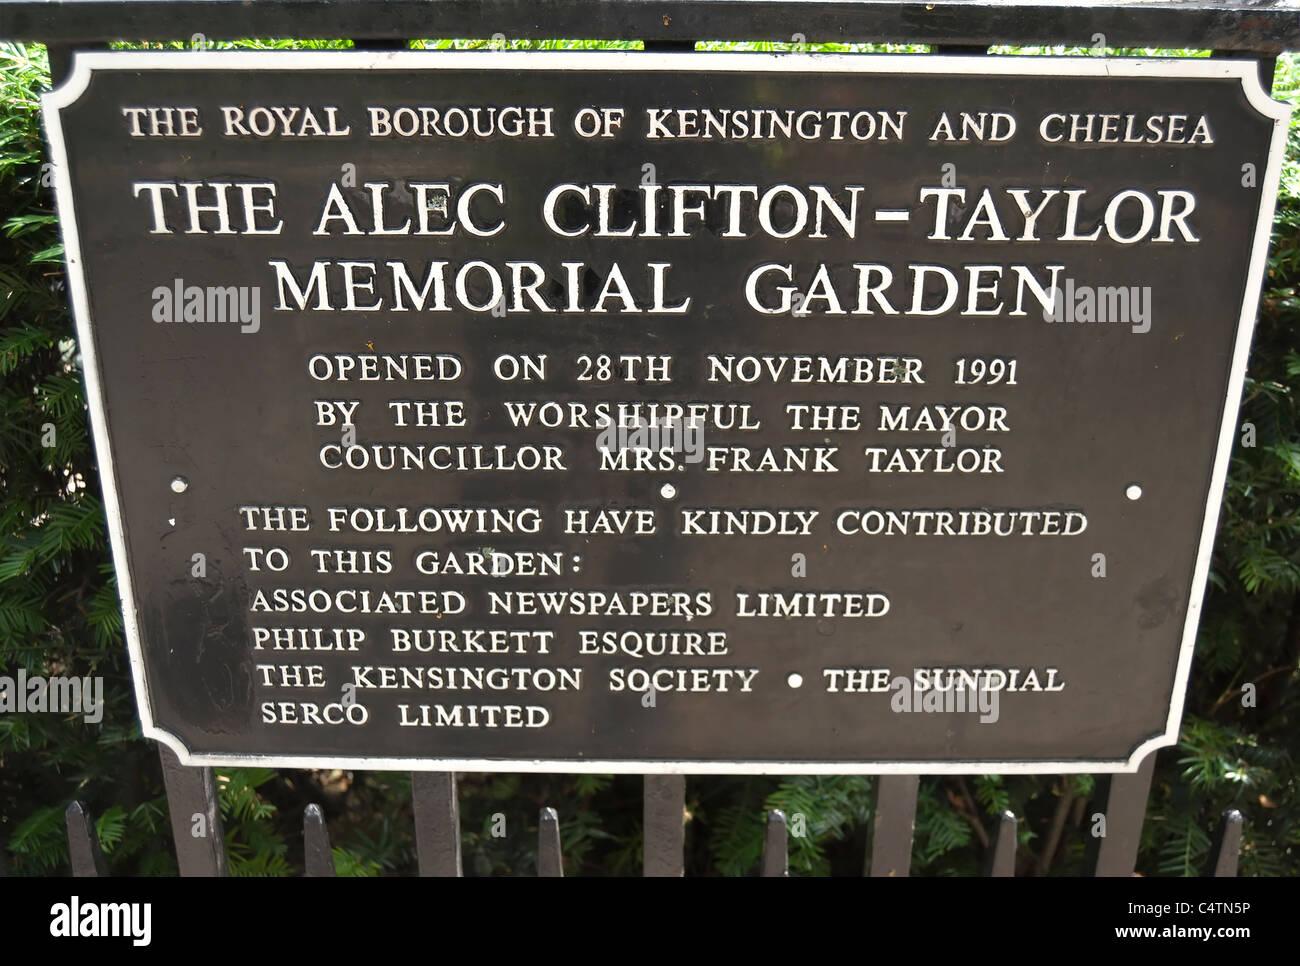 commemorative notice at the alec clifton-taylor memorial garden, kensington church walk, kensington, london, england - Stock Image